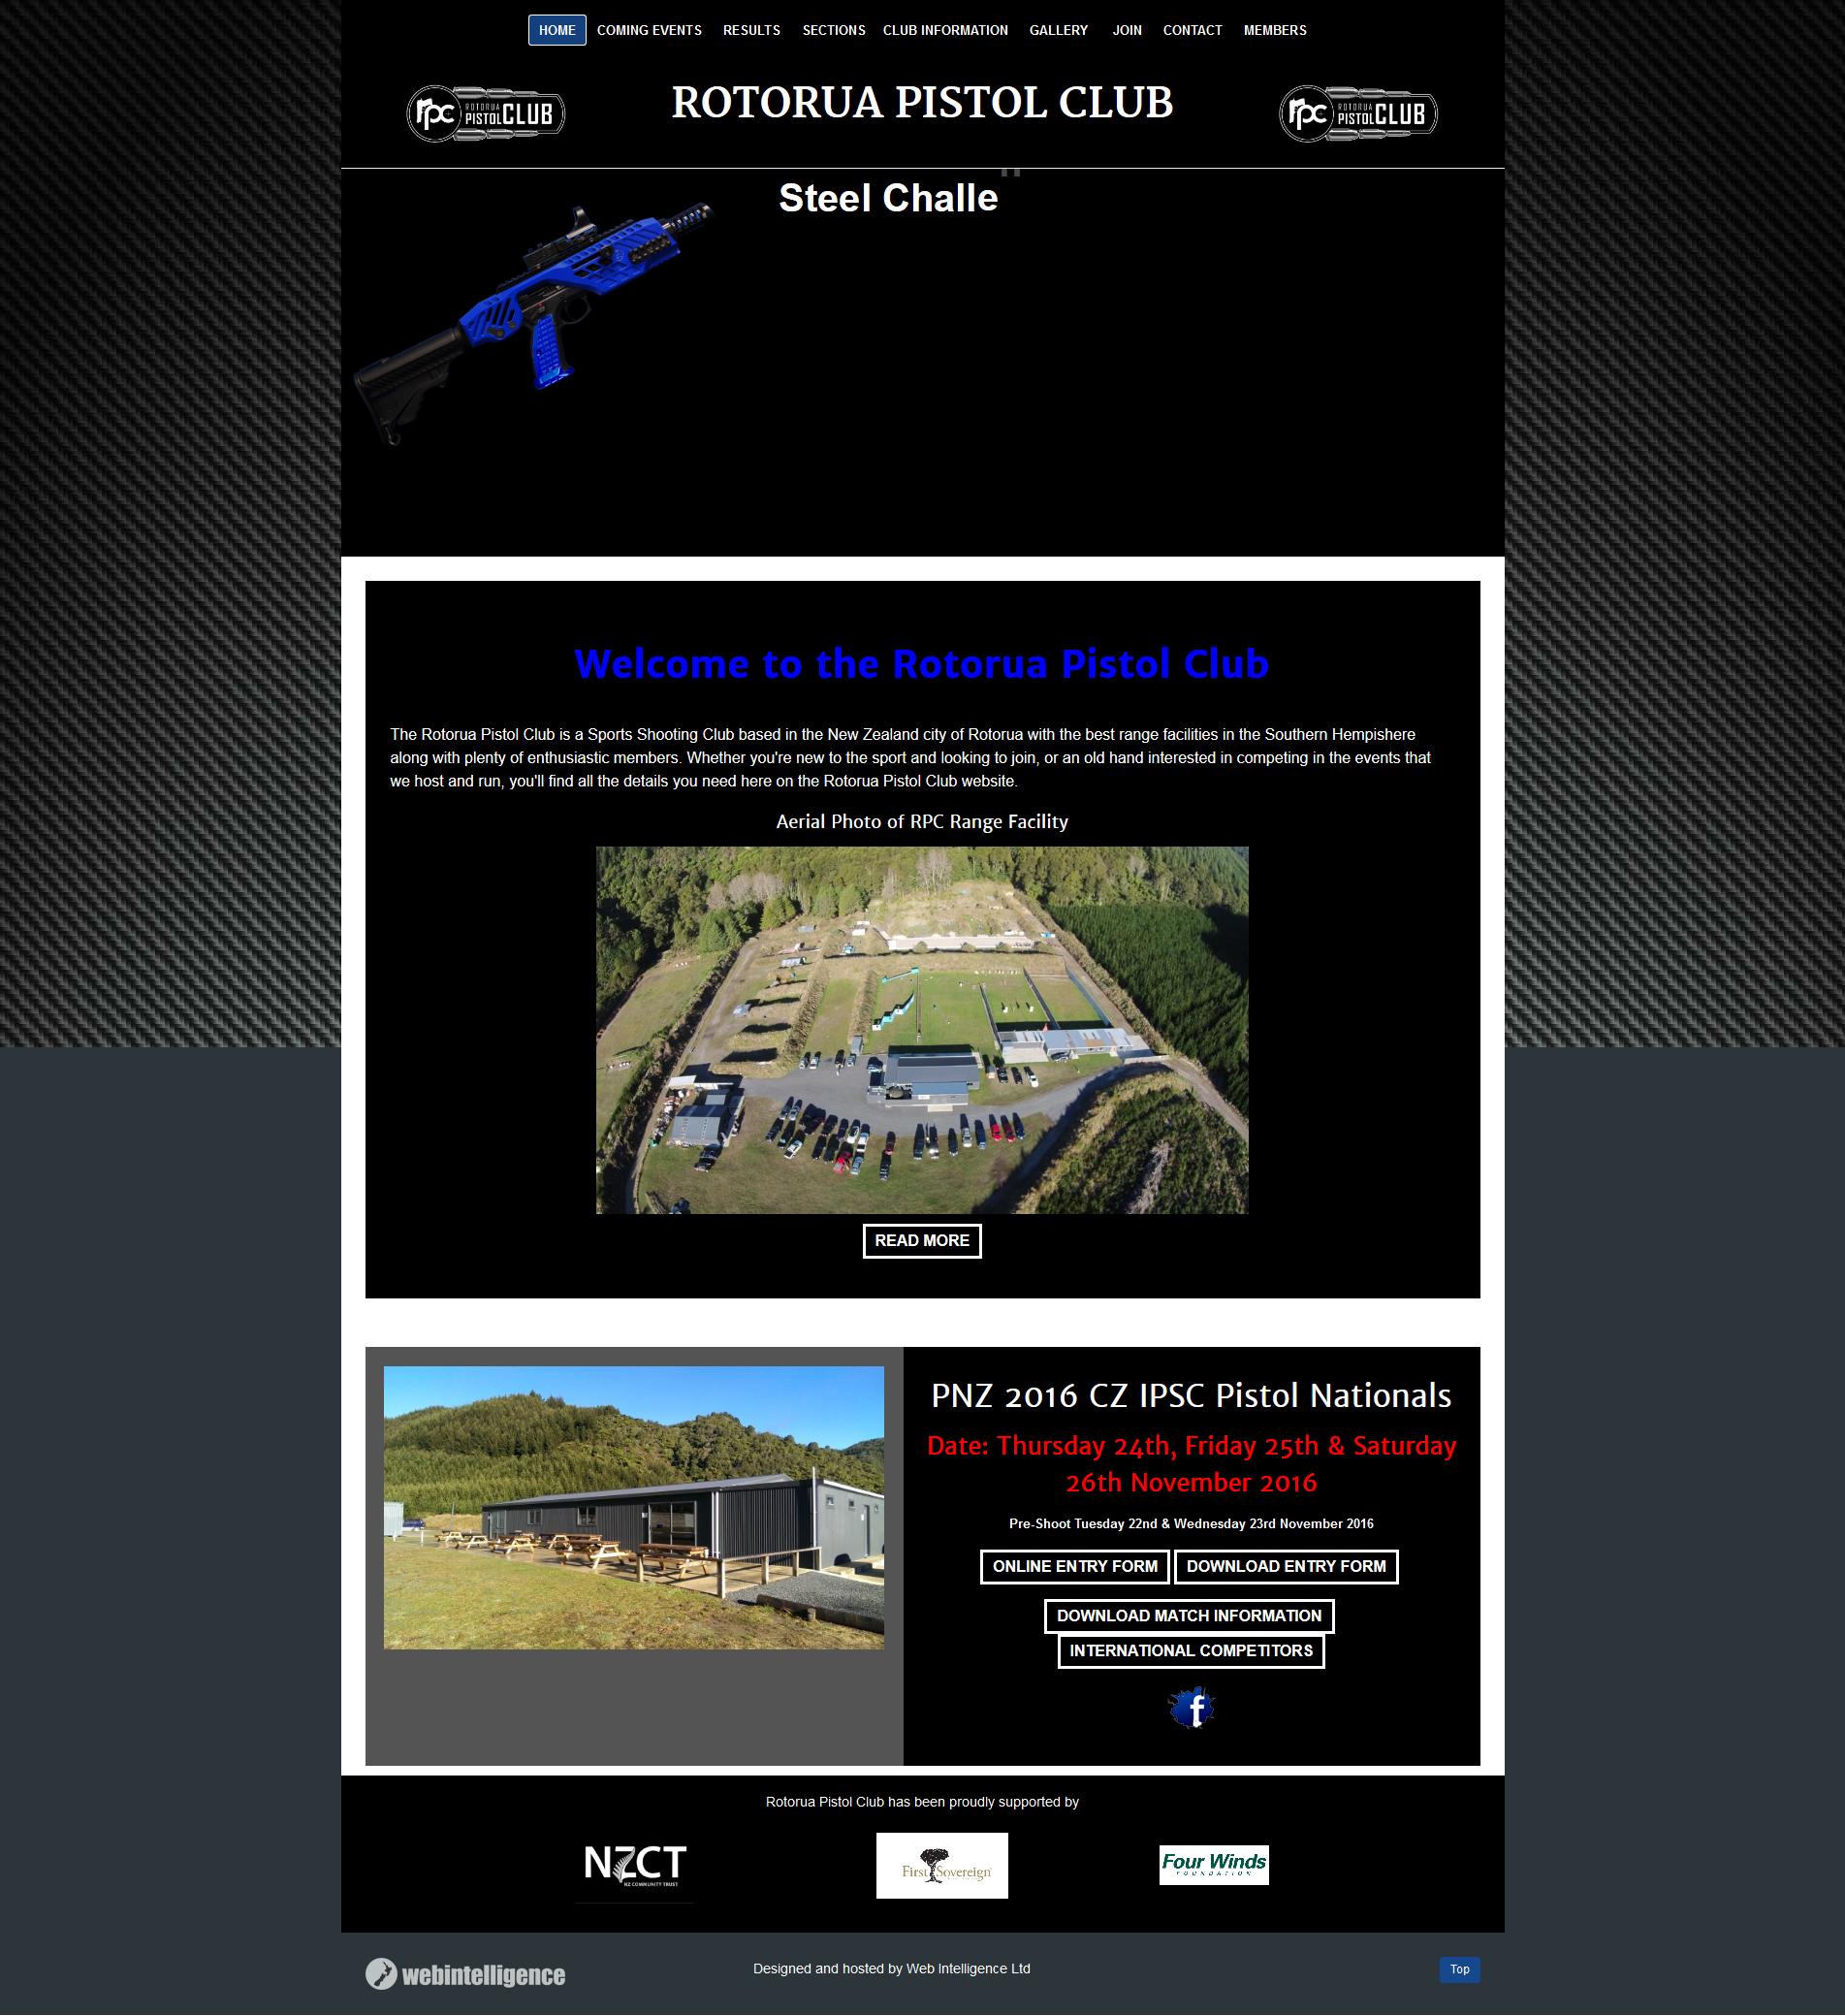 rotorua-pistol-club-01-08-2016